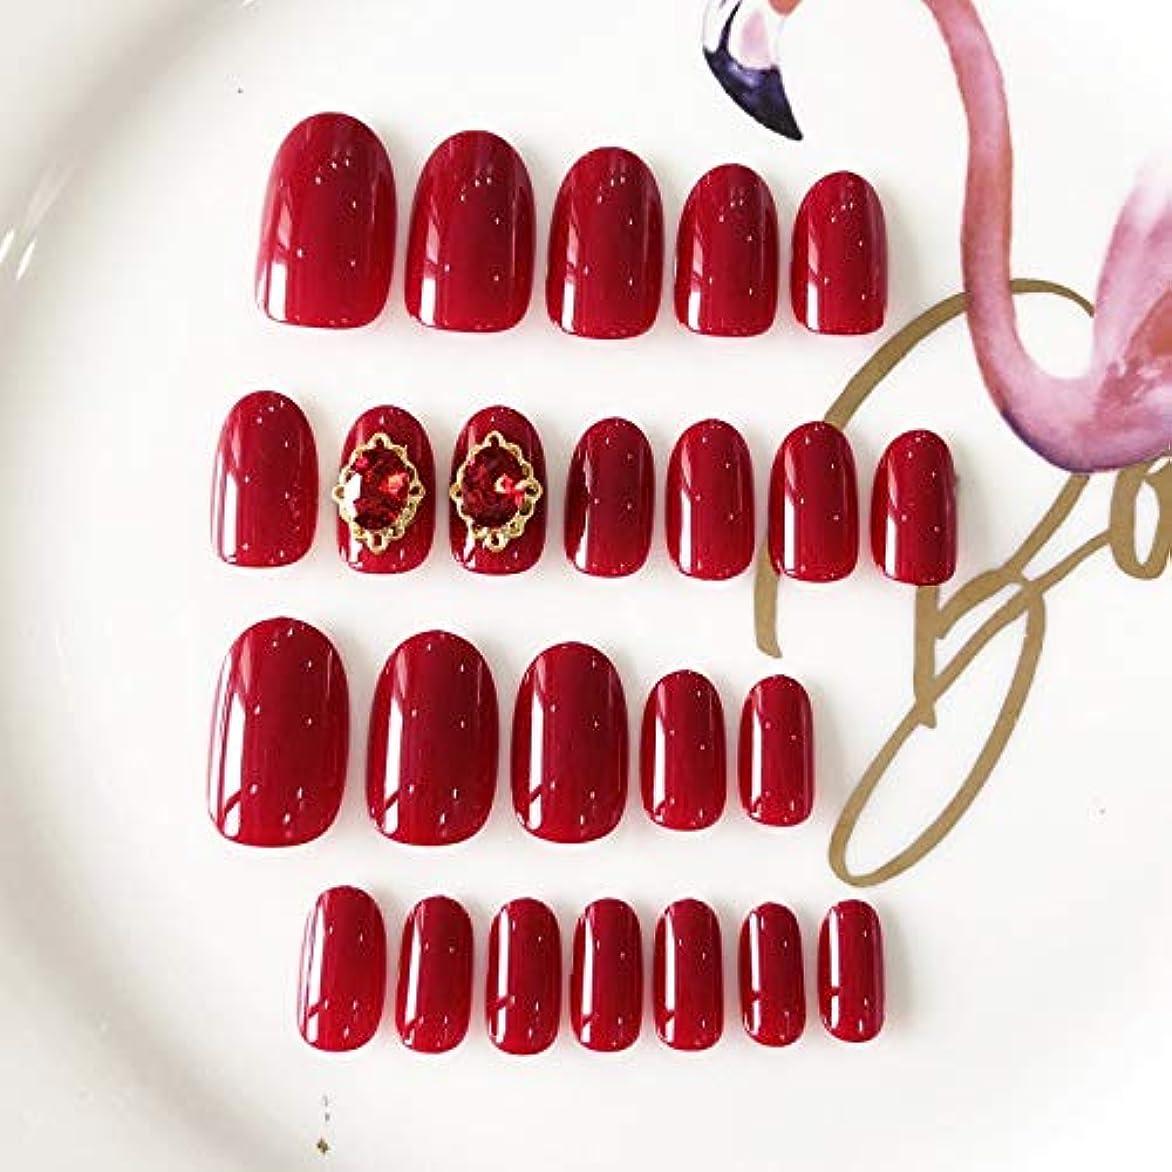 マイク期待する慣れているAFAEF HOME 24個の短い楕円形の偽爪12サイズ単色ワインレッドエレガントな偽爪結婚式